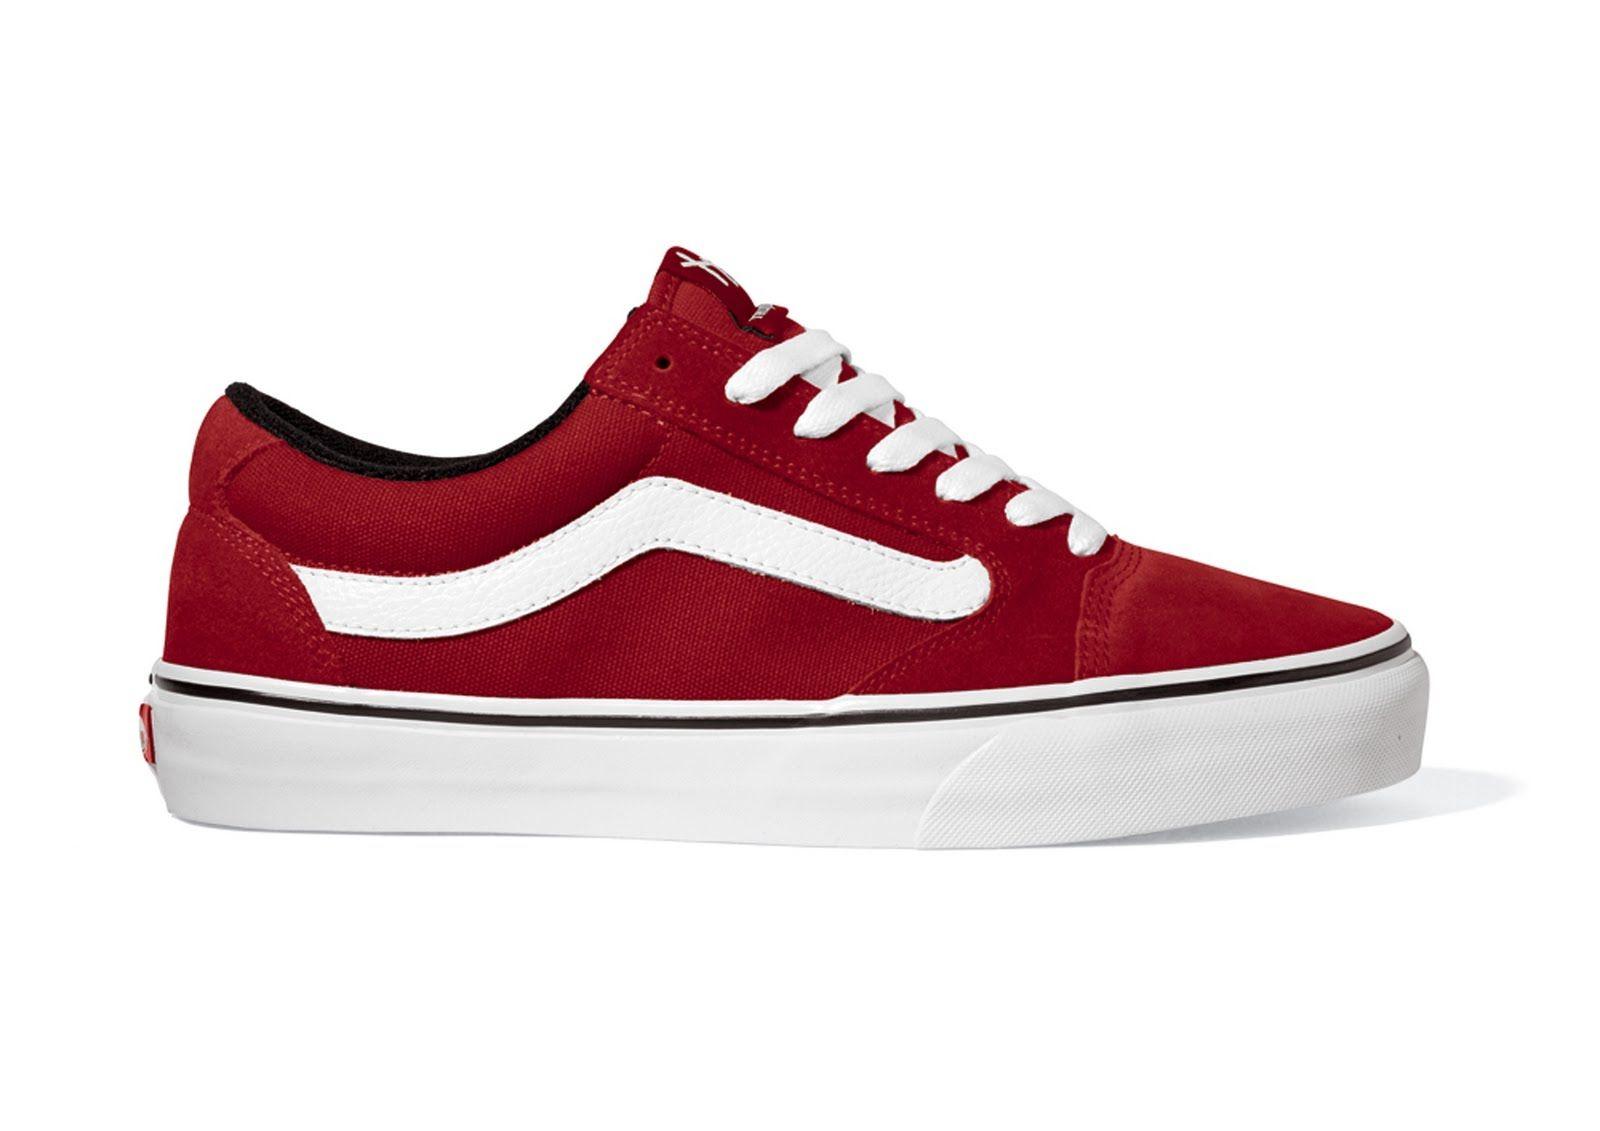 botas vans rojas